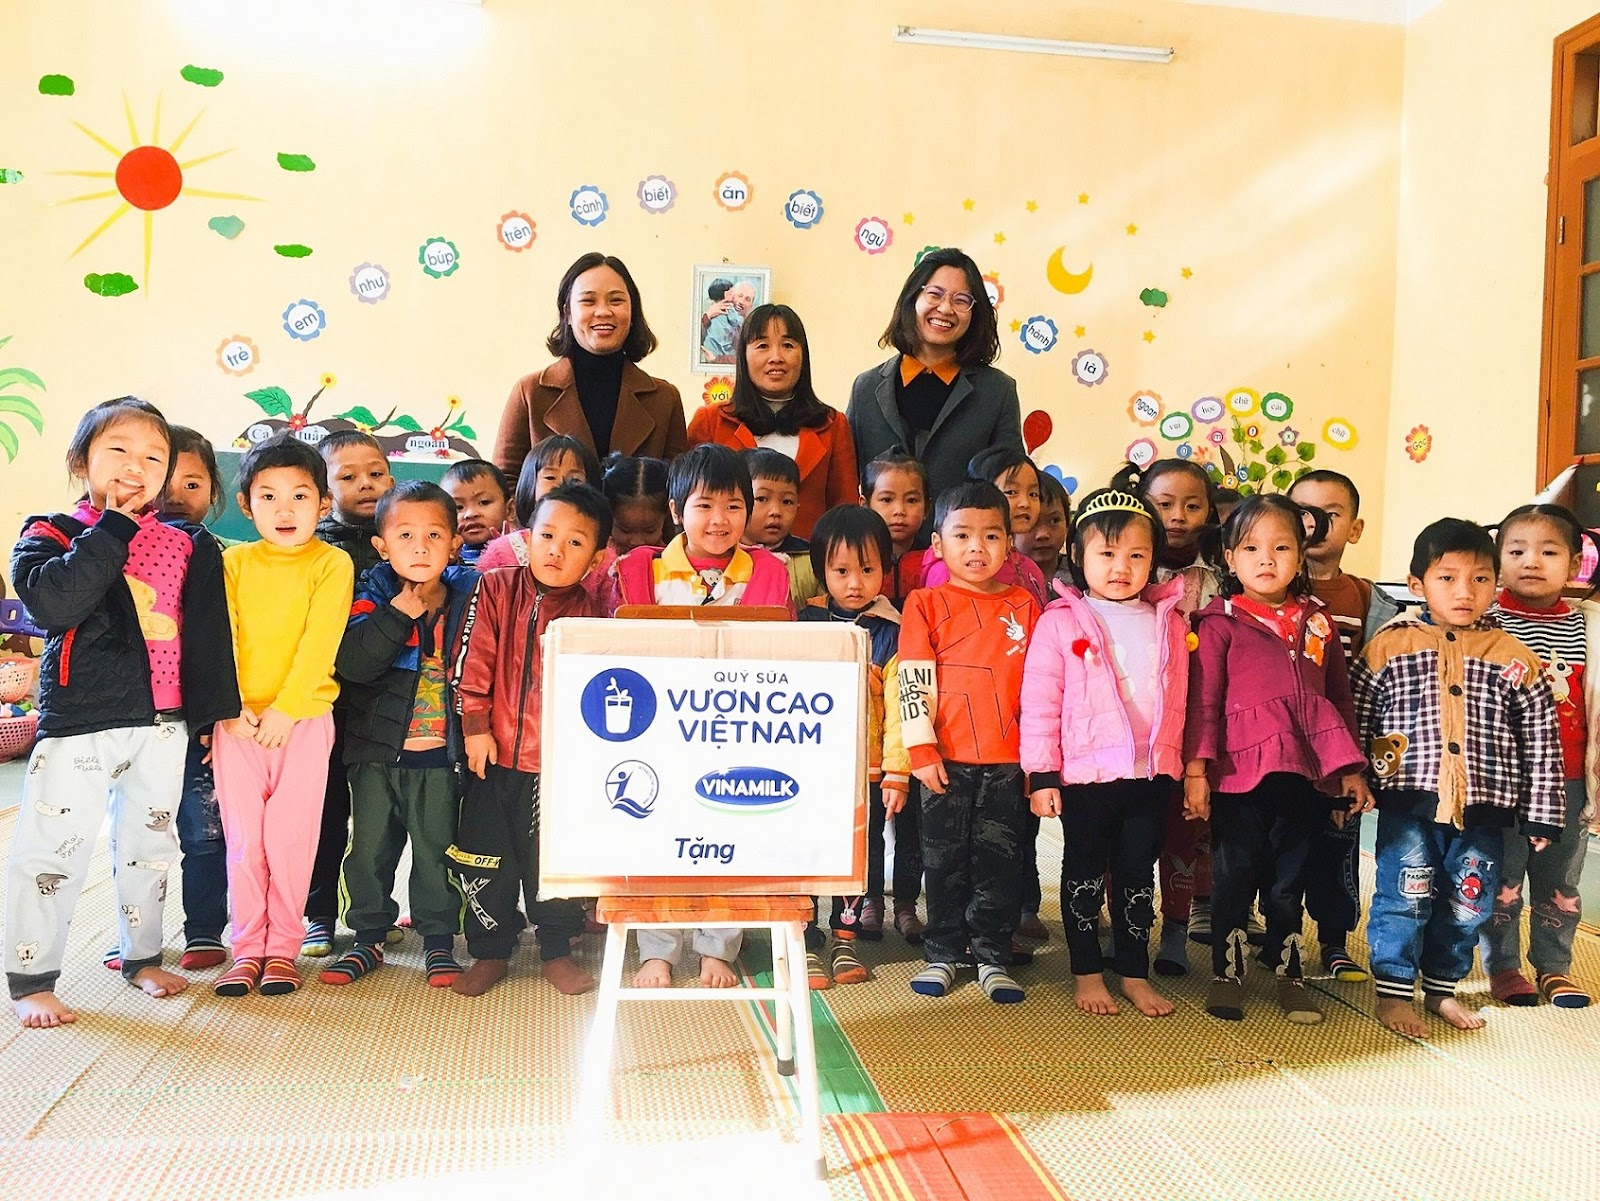 Nơi nào Quỹ sữa Vươn cao Việt Nam chọn là điểm đến, nơi ấy đều tràn ngập niềm vui và sự xúc động